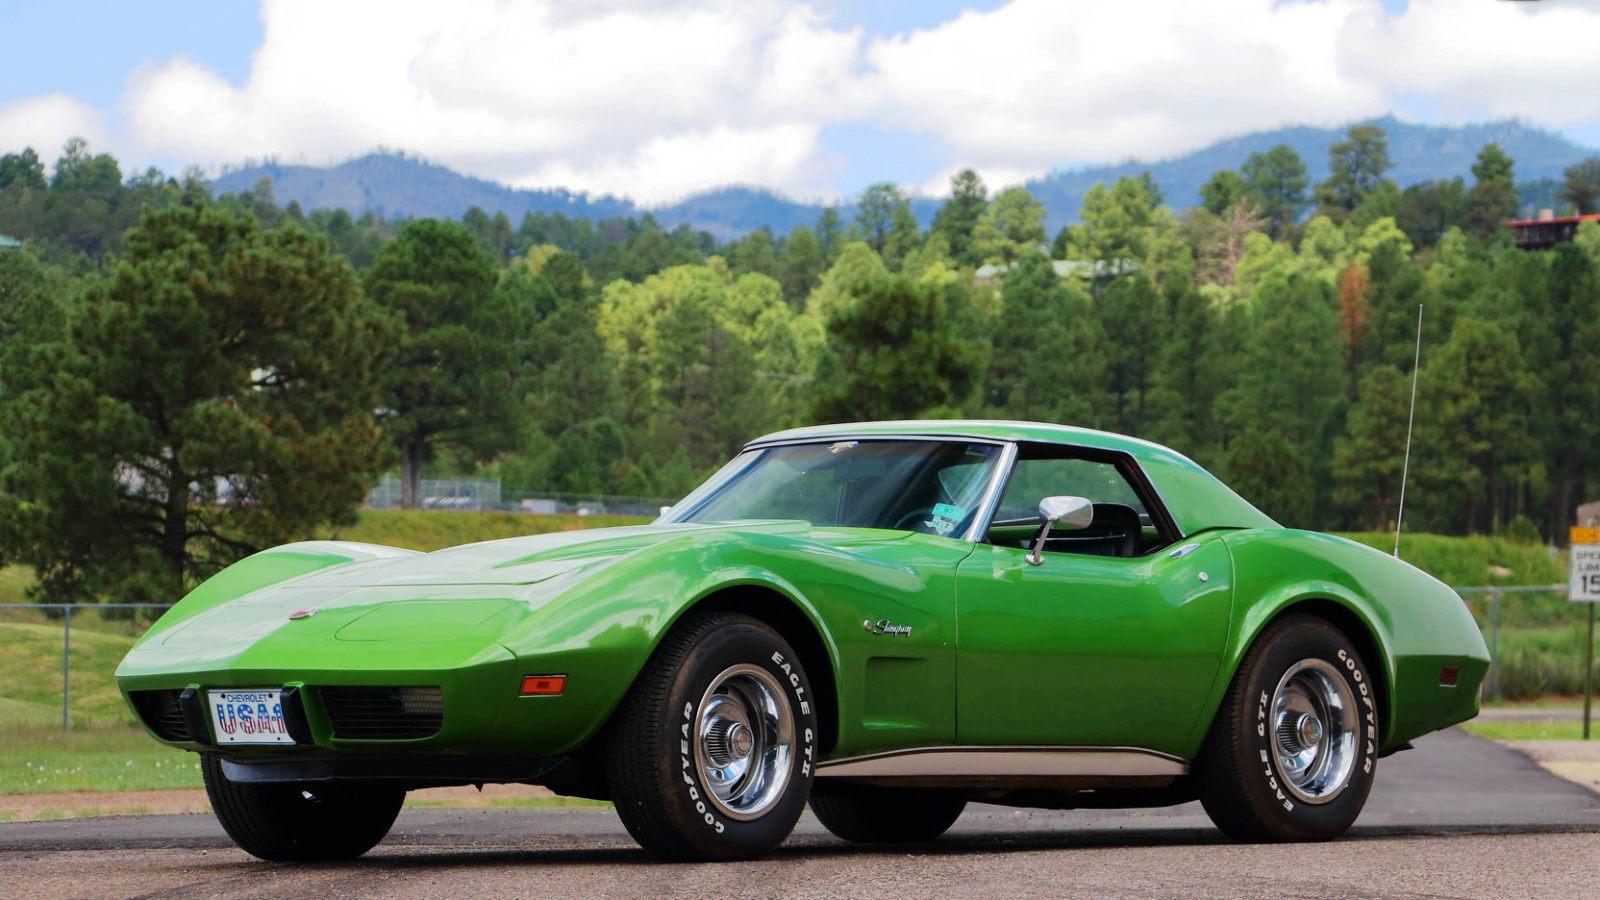 1975 Corvette in Bright Green